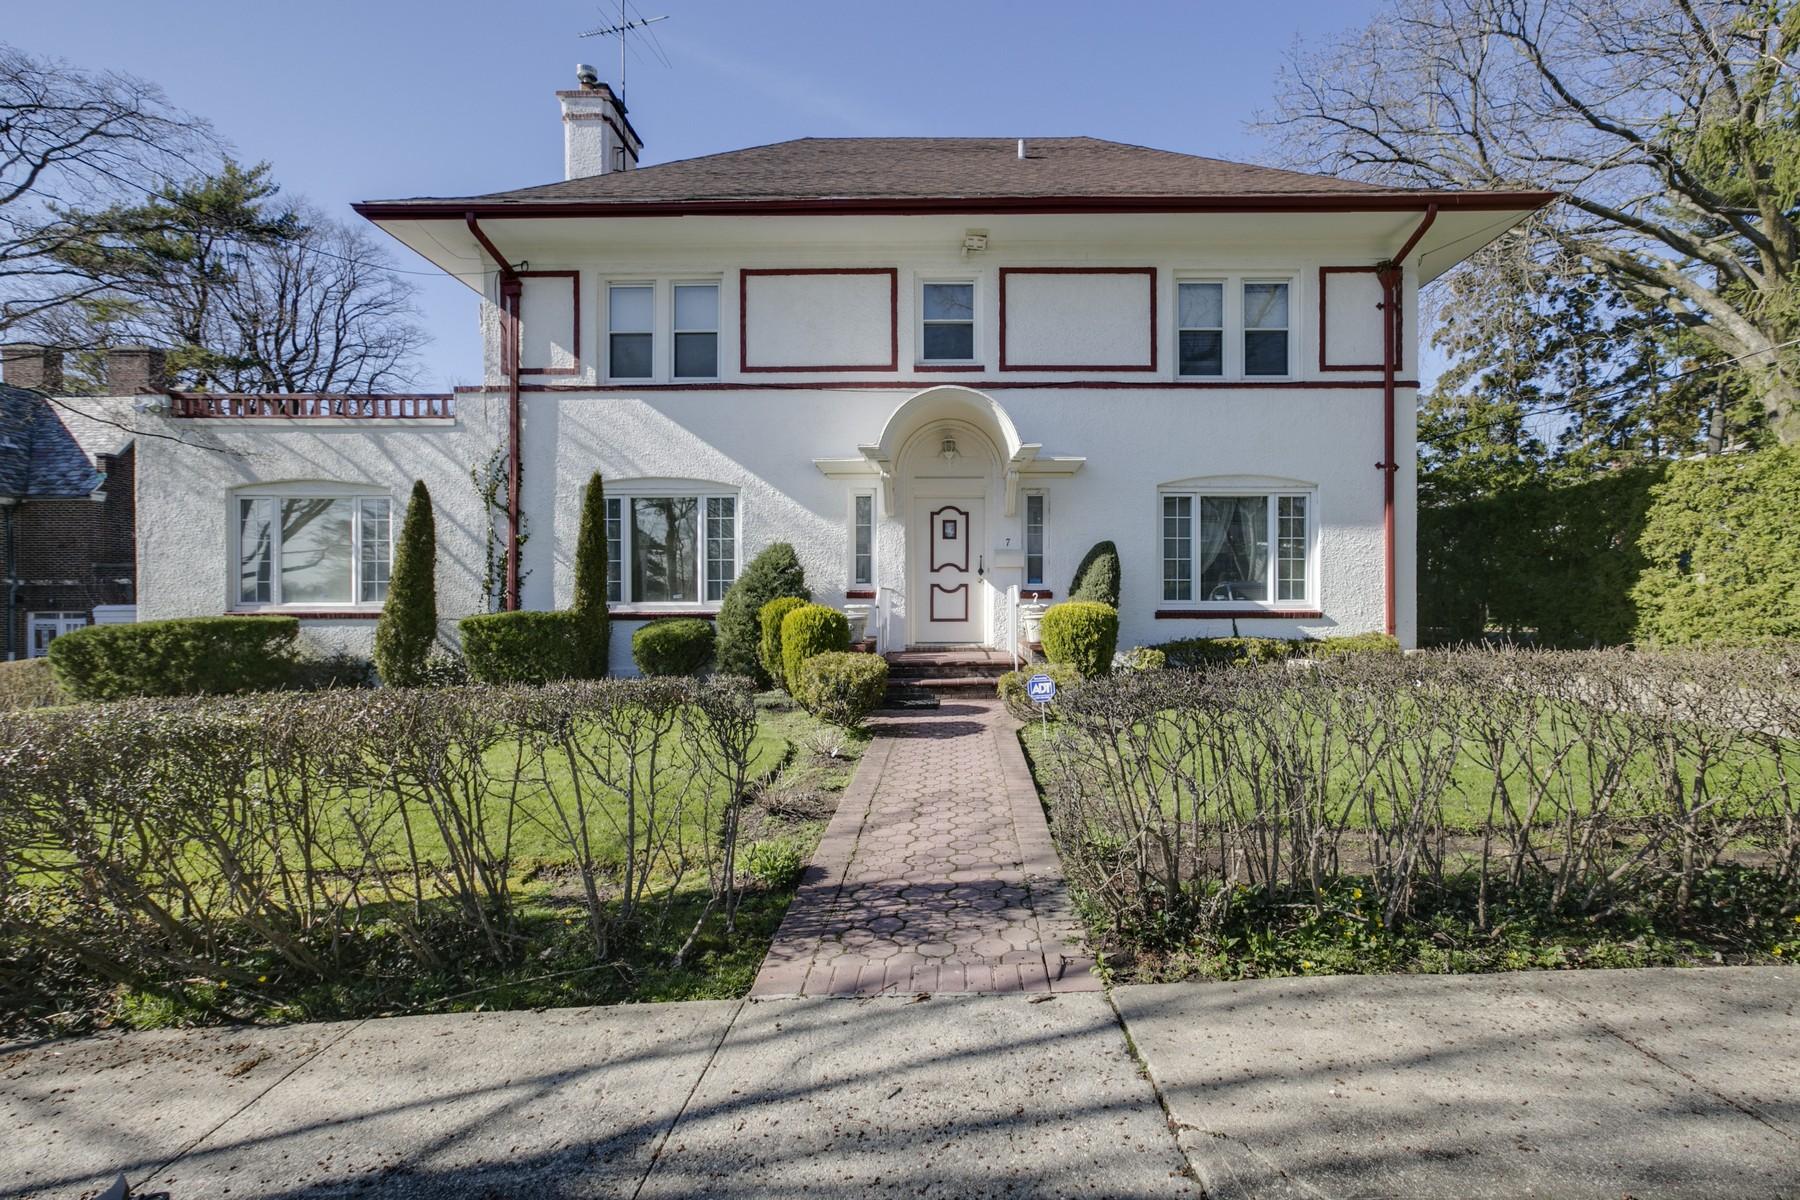 Частный односемейный дом для того Продажа на Colonial 7 Manor Rd Douglaston, Нью-Йорк, 11363 Соединенные Штаты